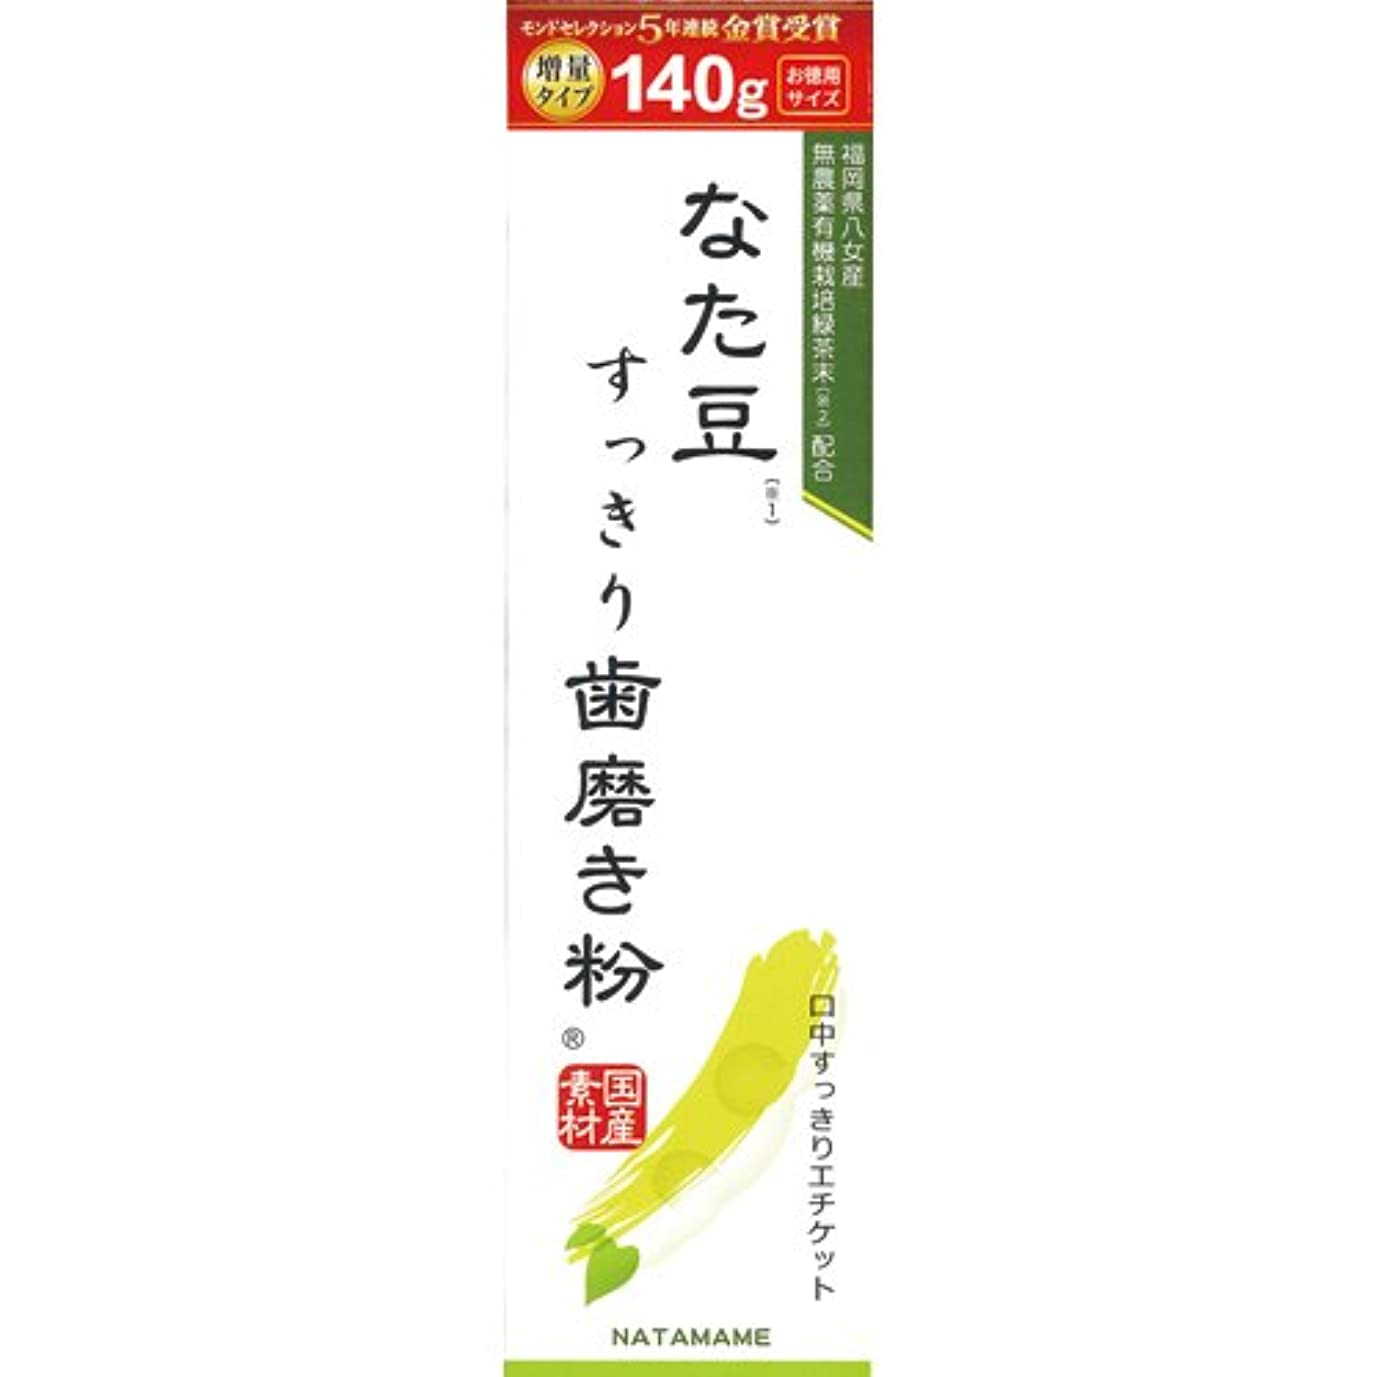 タック投げるメタルラインなた豆すっきり歯磨き粉 140g